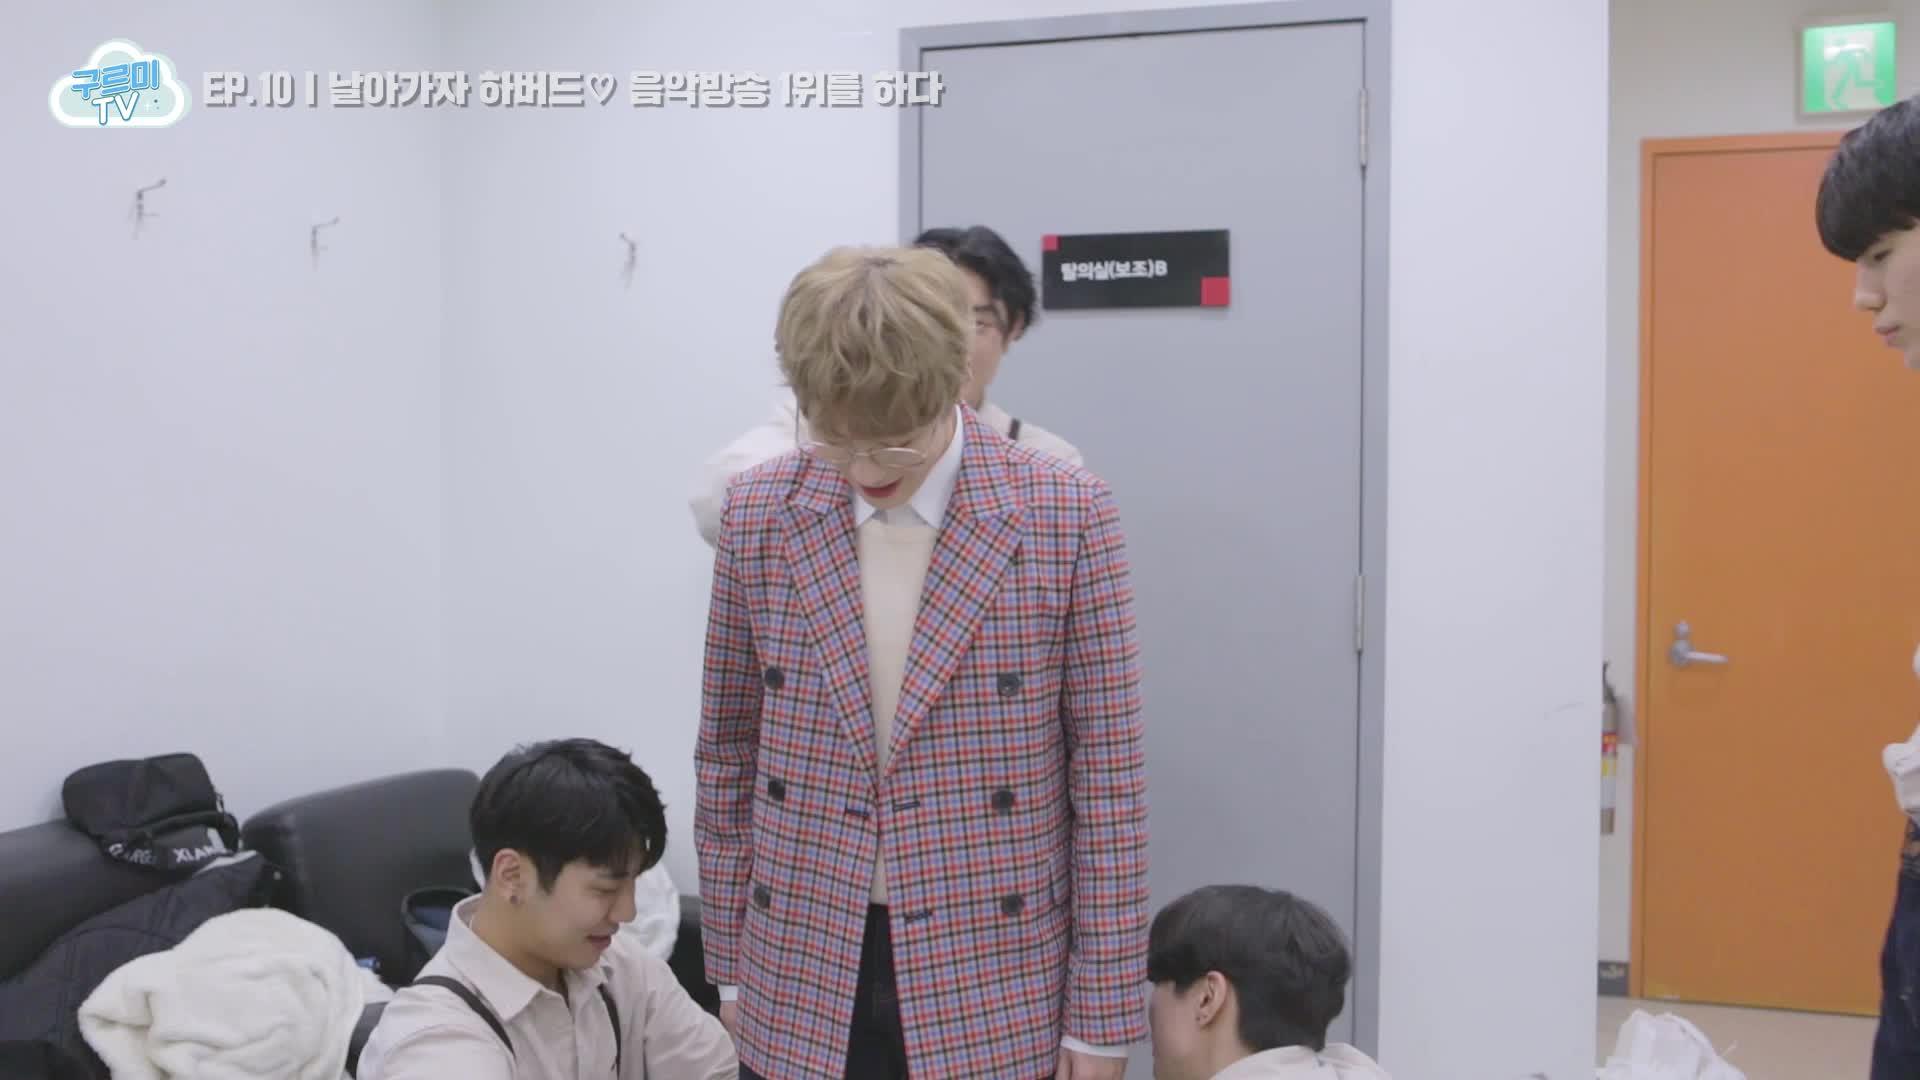 [구르미TV] EP.10 날아가자 하버드♡ 음악방송 1위를 하다